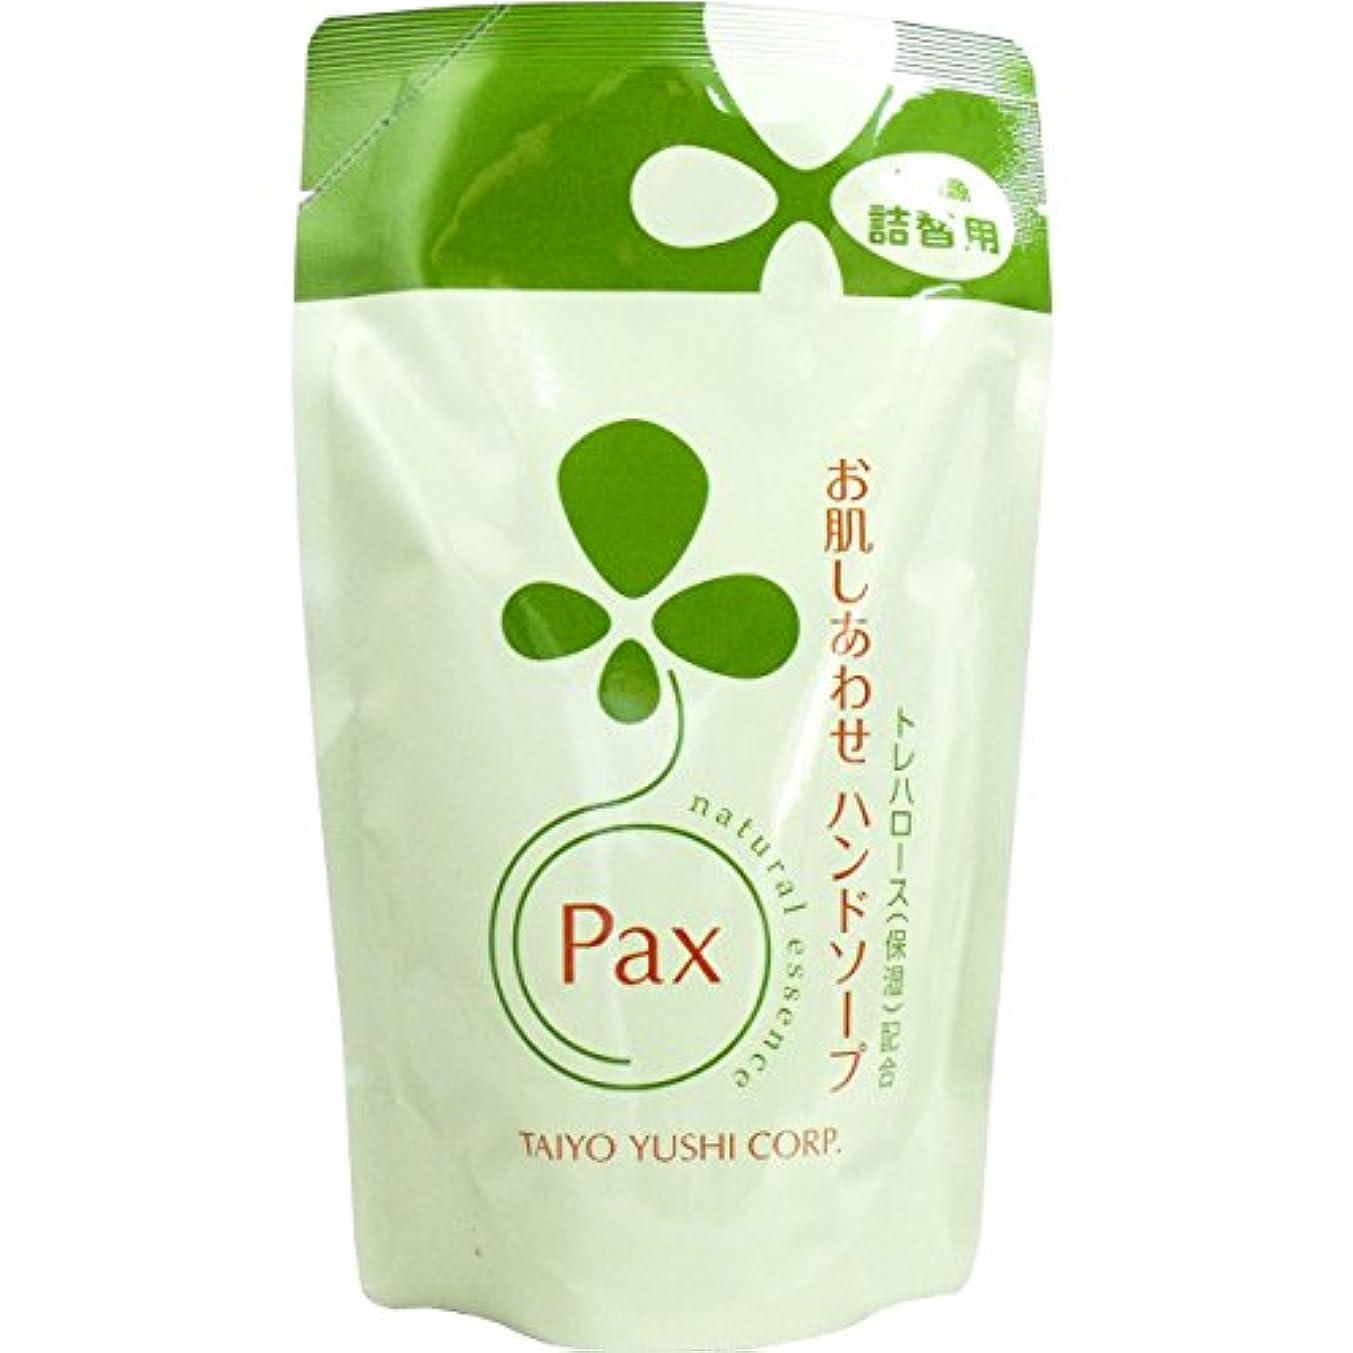 アクセサリーメロン休憩するパックス お肌しあわせハンドソープ 詰替用 300ml ×2セット